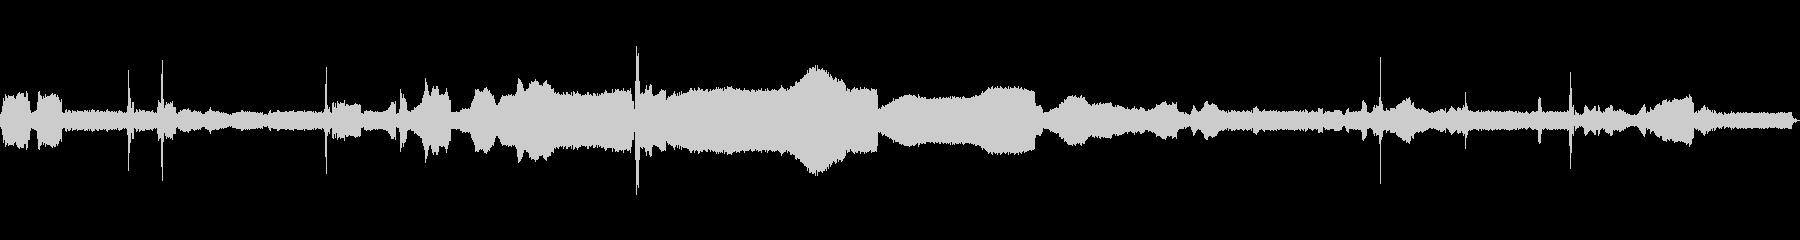 車_ピックアップトラック_02の未再生の波形